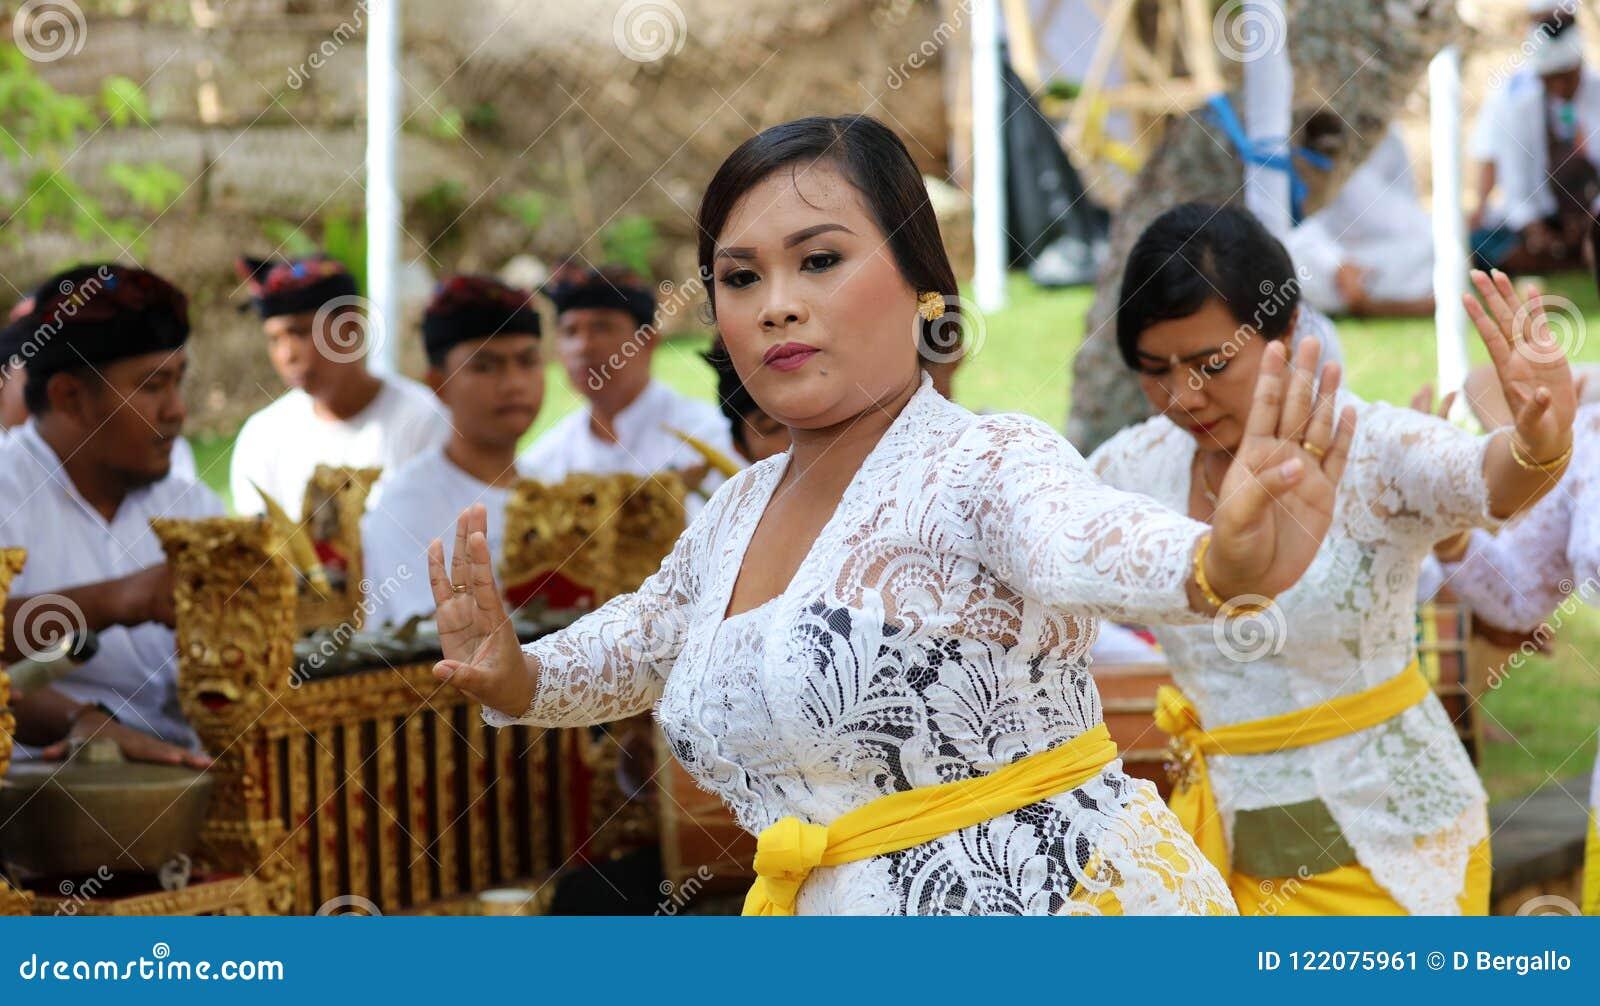 Celebración hindú en Bali Indonesia, ceremonia religiosa con los colores amarillos y blancos, baile de la mujer